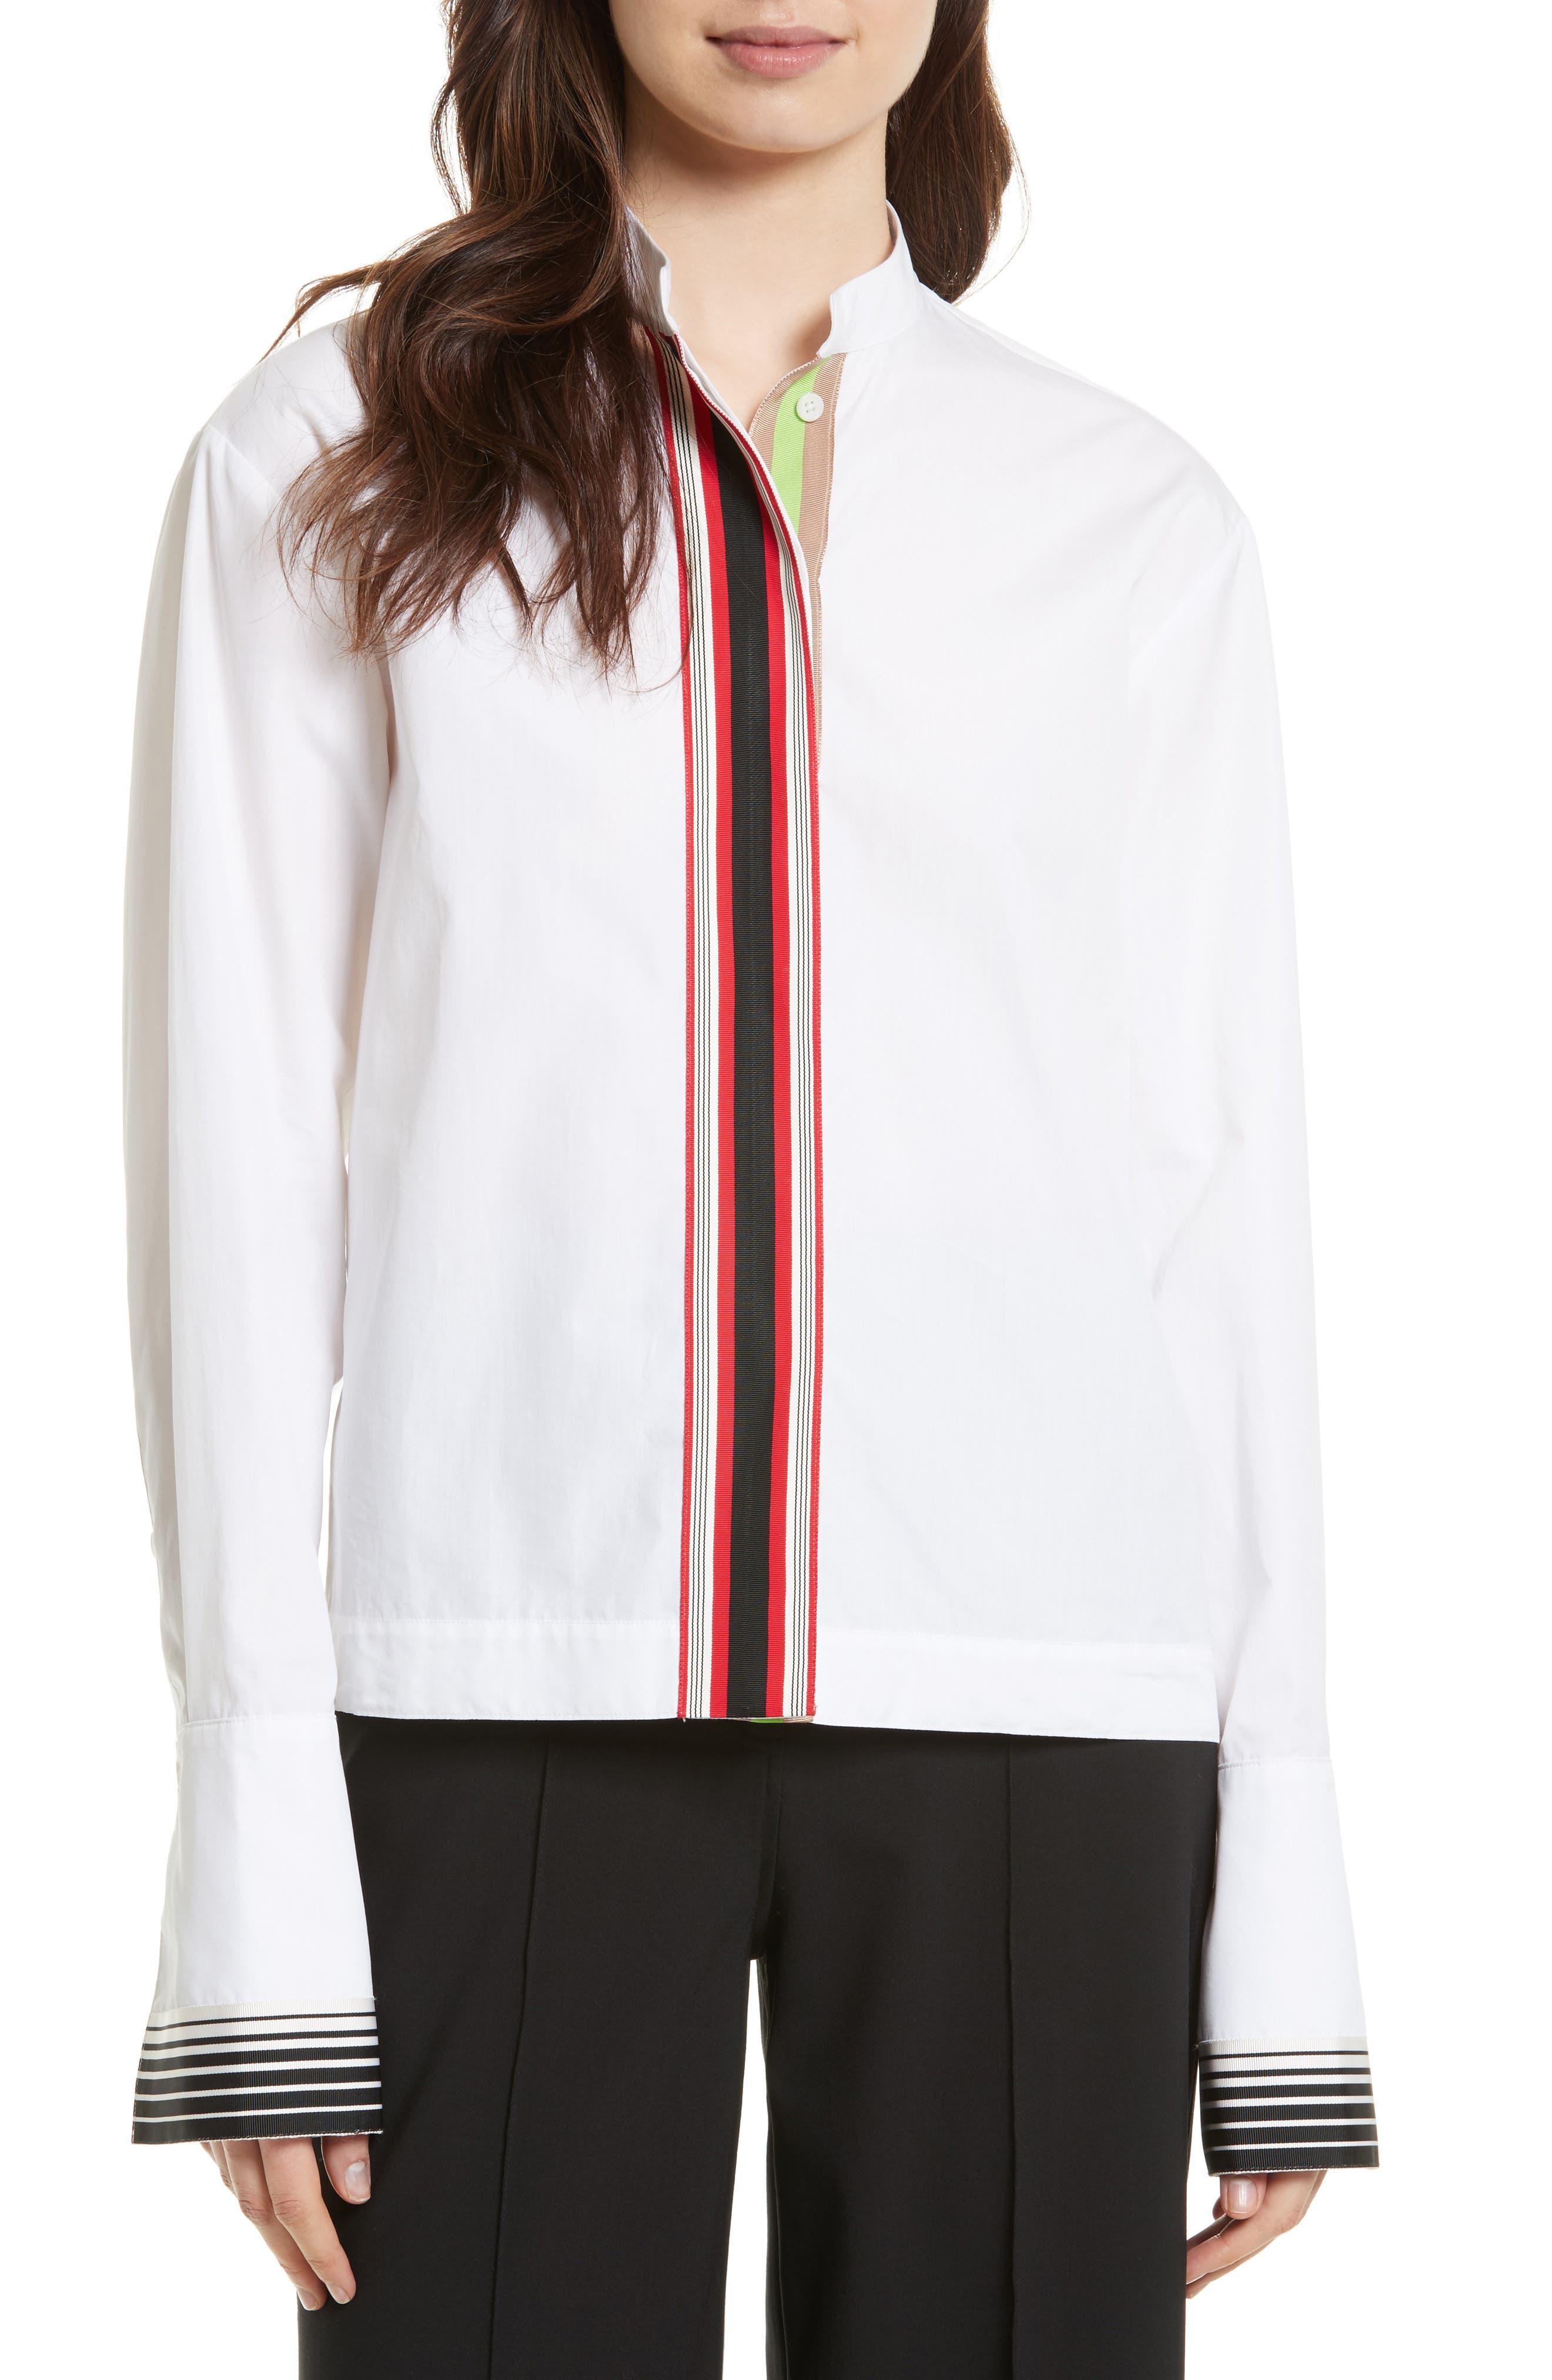 Diane von Furstenberg Grosgrain Trim Shirt